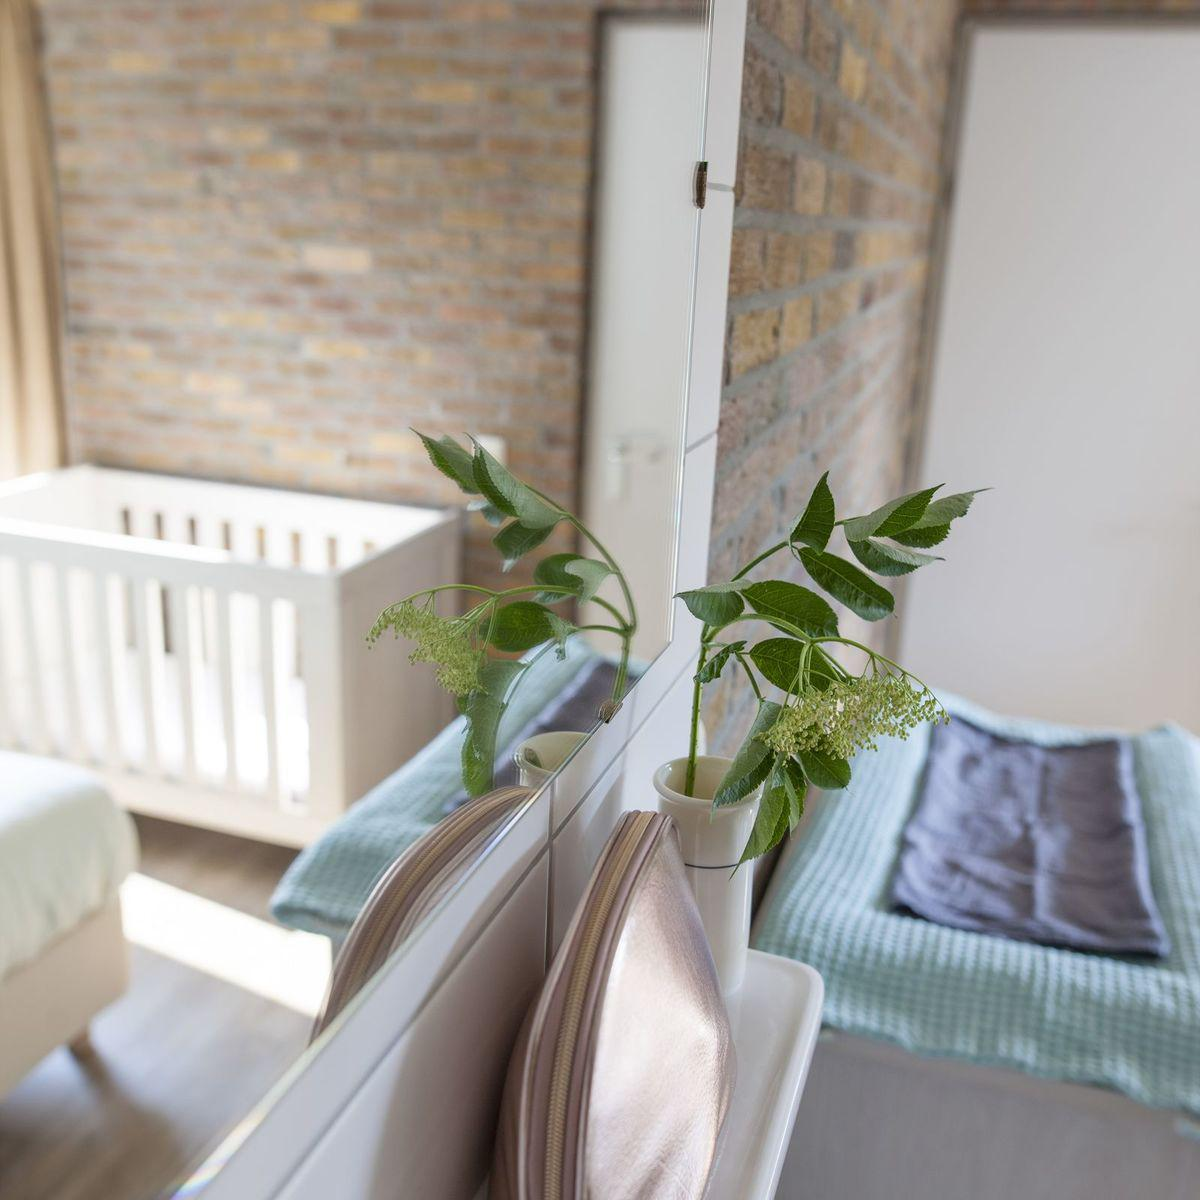 Witterzomer 16 persoons Familiehuis Comfort Drenthe Assen